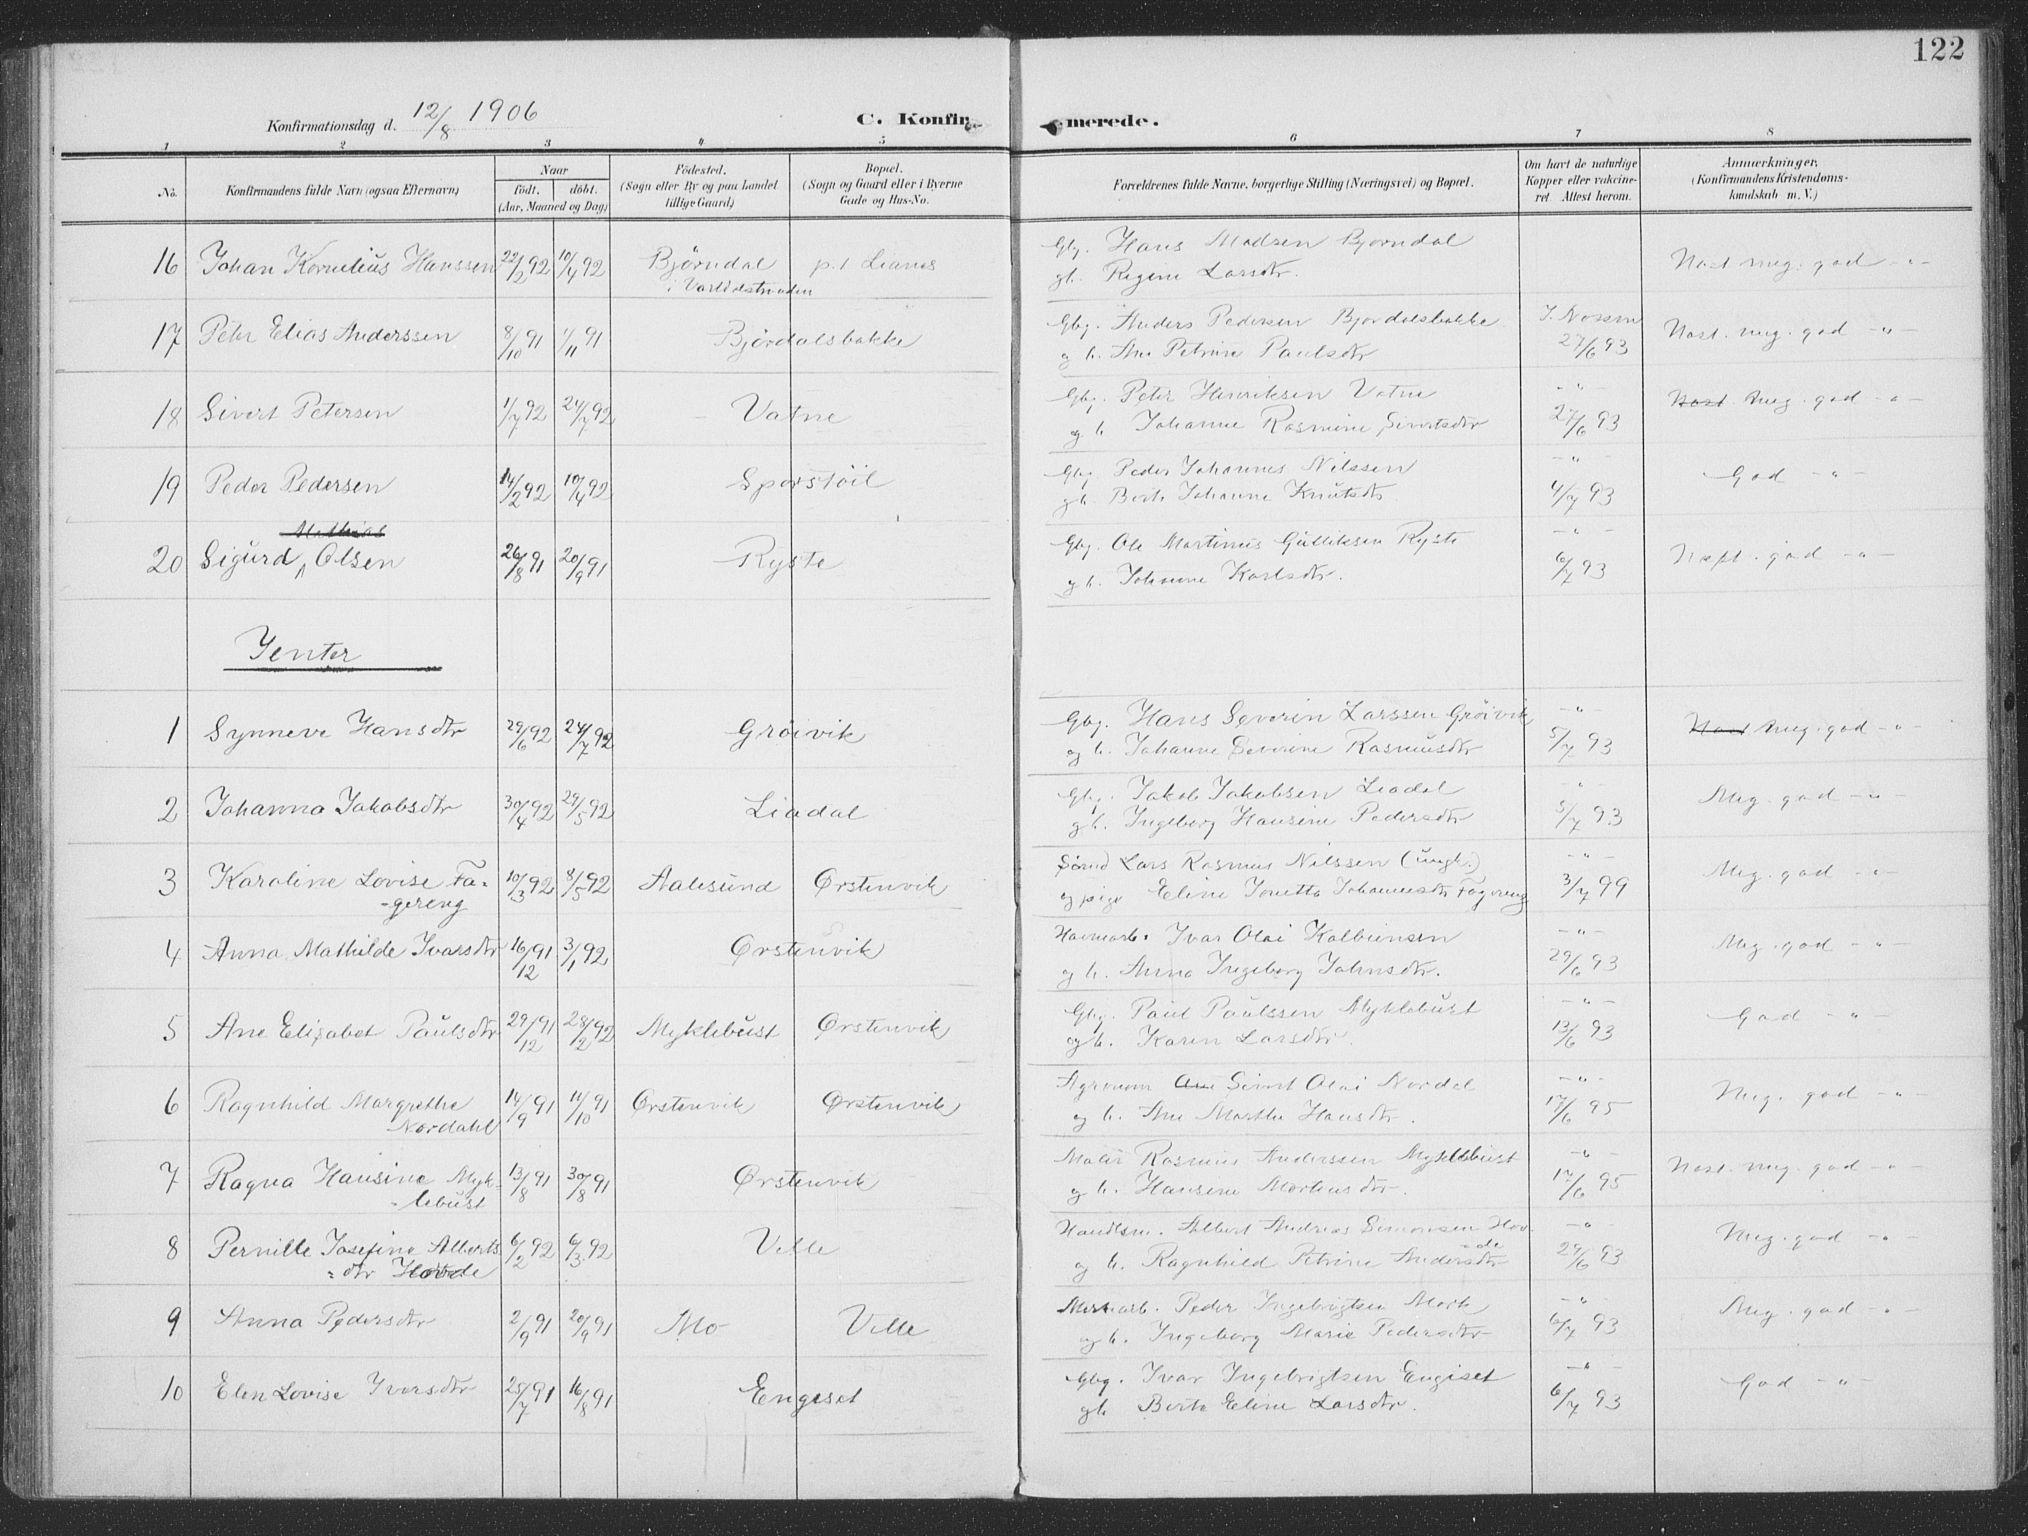 SAT, Ministerialprotokoller, klokkerbøker og fødselsregistre - Møre og Romsdal, 513/L0178: Ministerialbok nr. 513A05, 1906-1919, s. 122